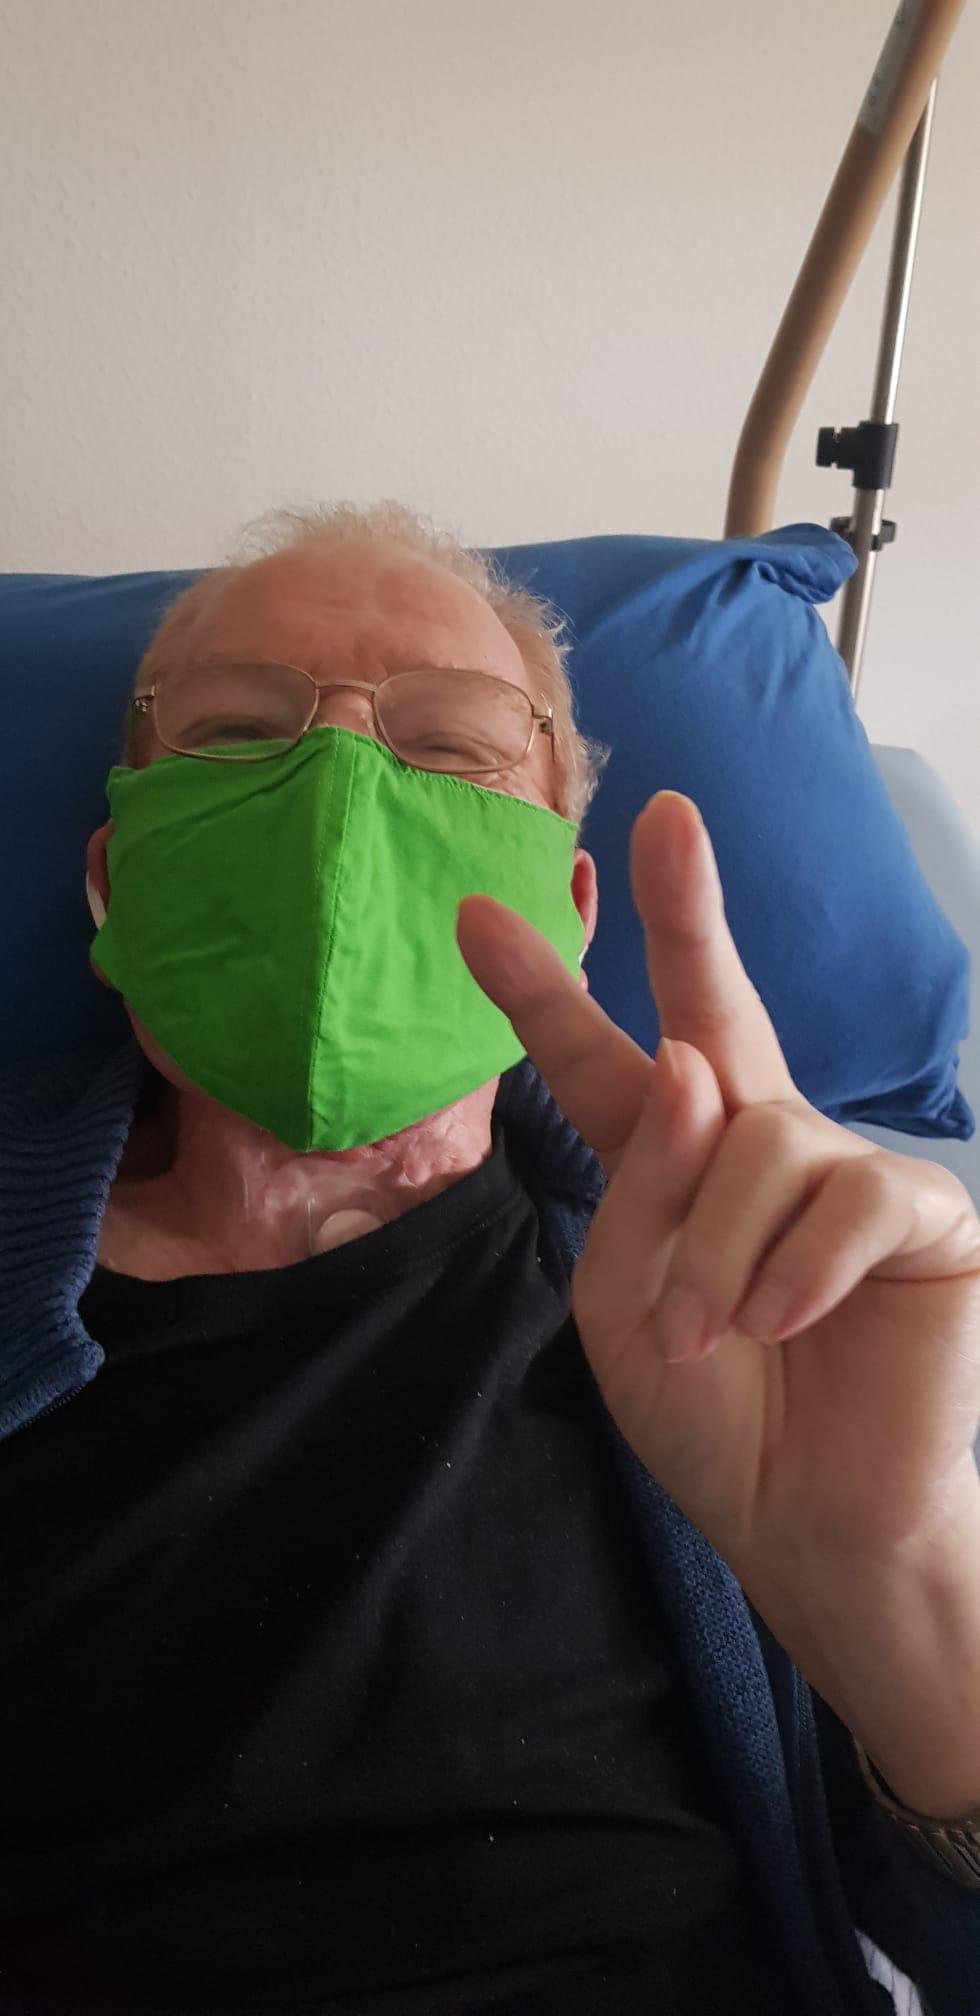 Auch die Pandemie stehen wir gemeinsam durch!